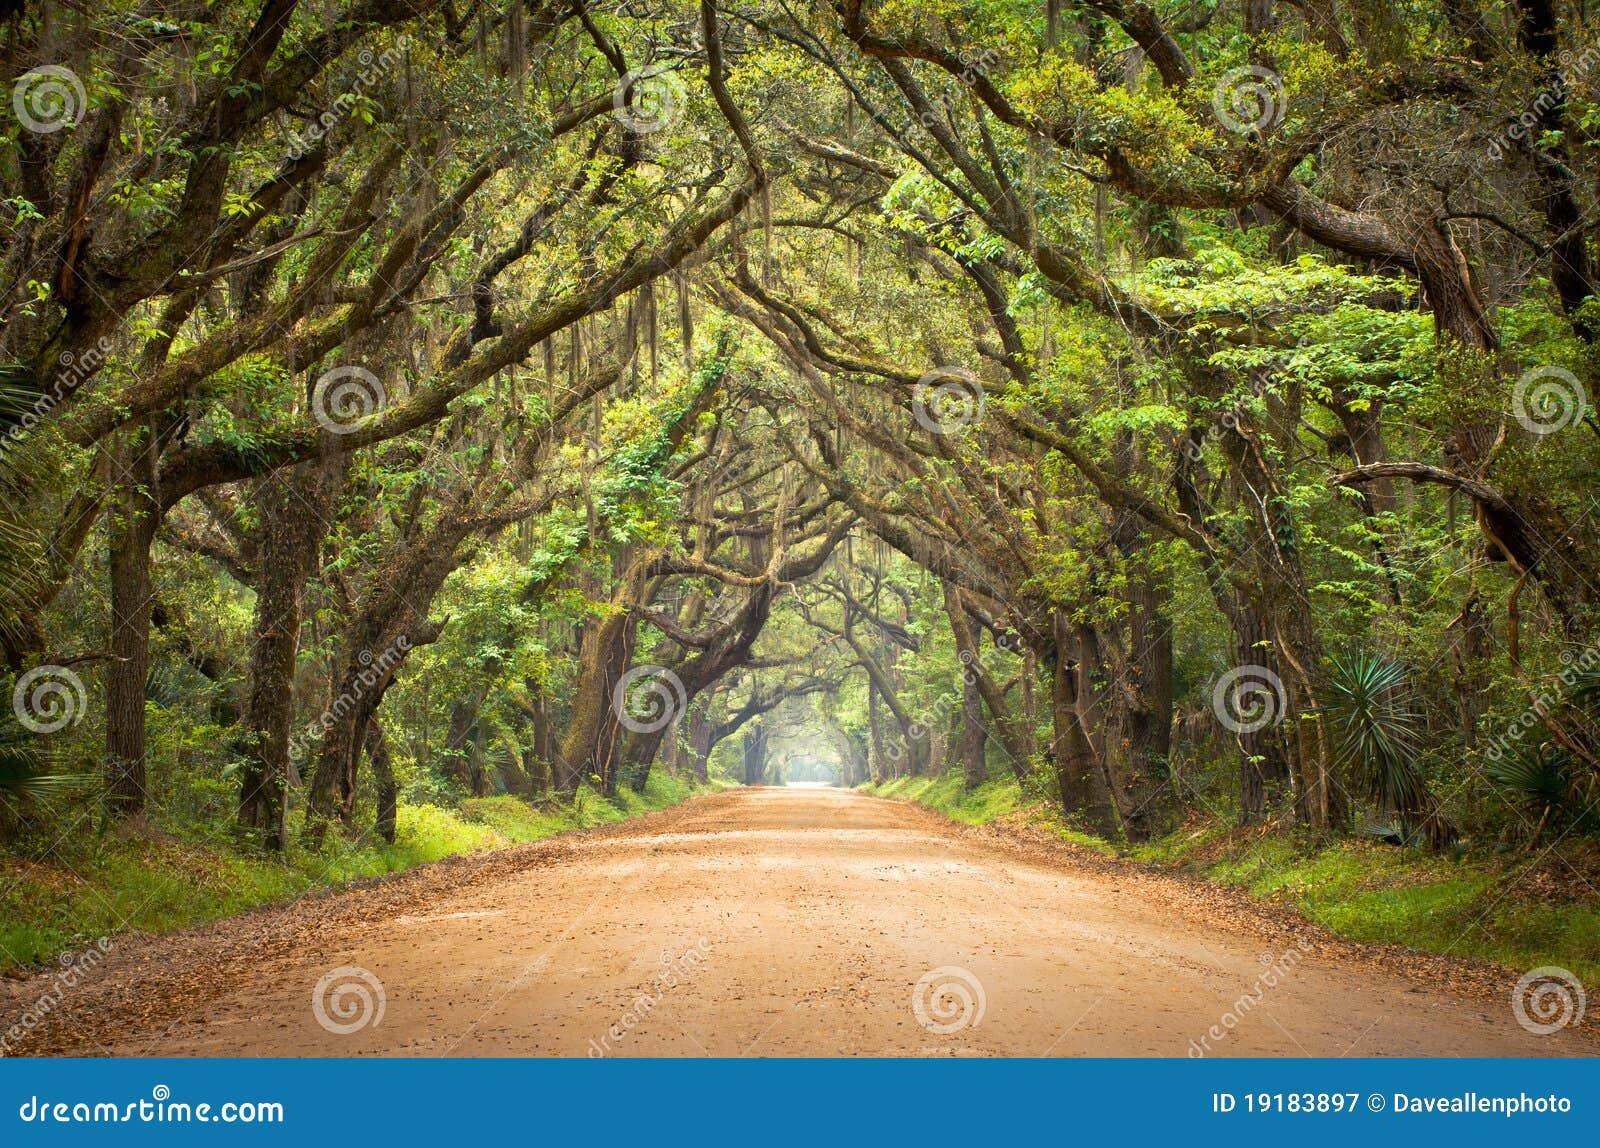 Botanik-Schacht-gespenstischer Schotterweg-gruselige Eichen-Bäume